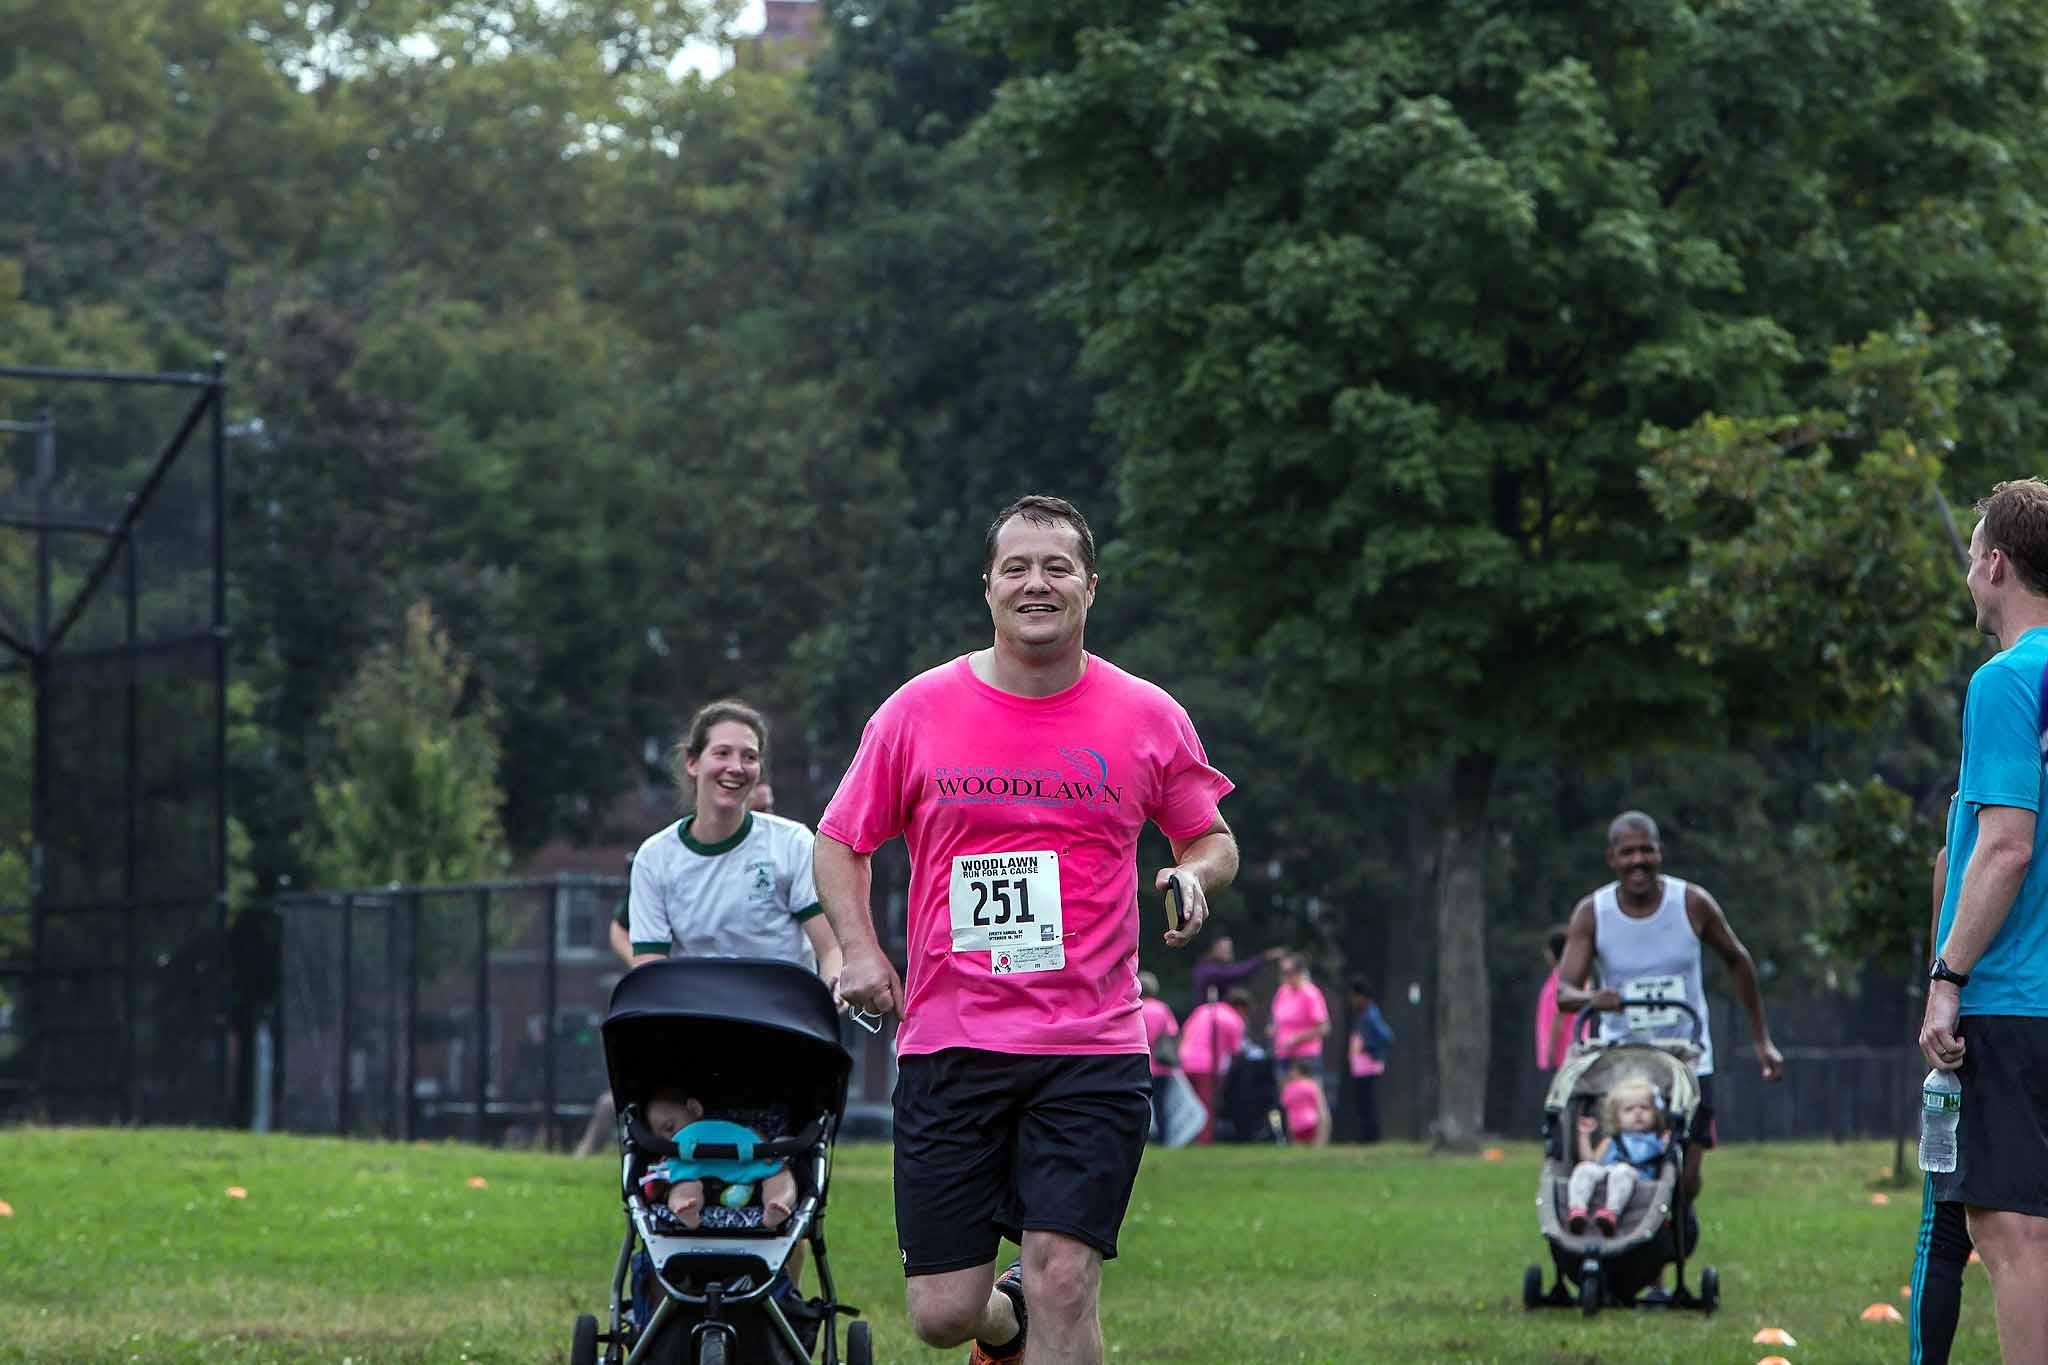 139-Woodlawn Run for a Cause-357.jpg